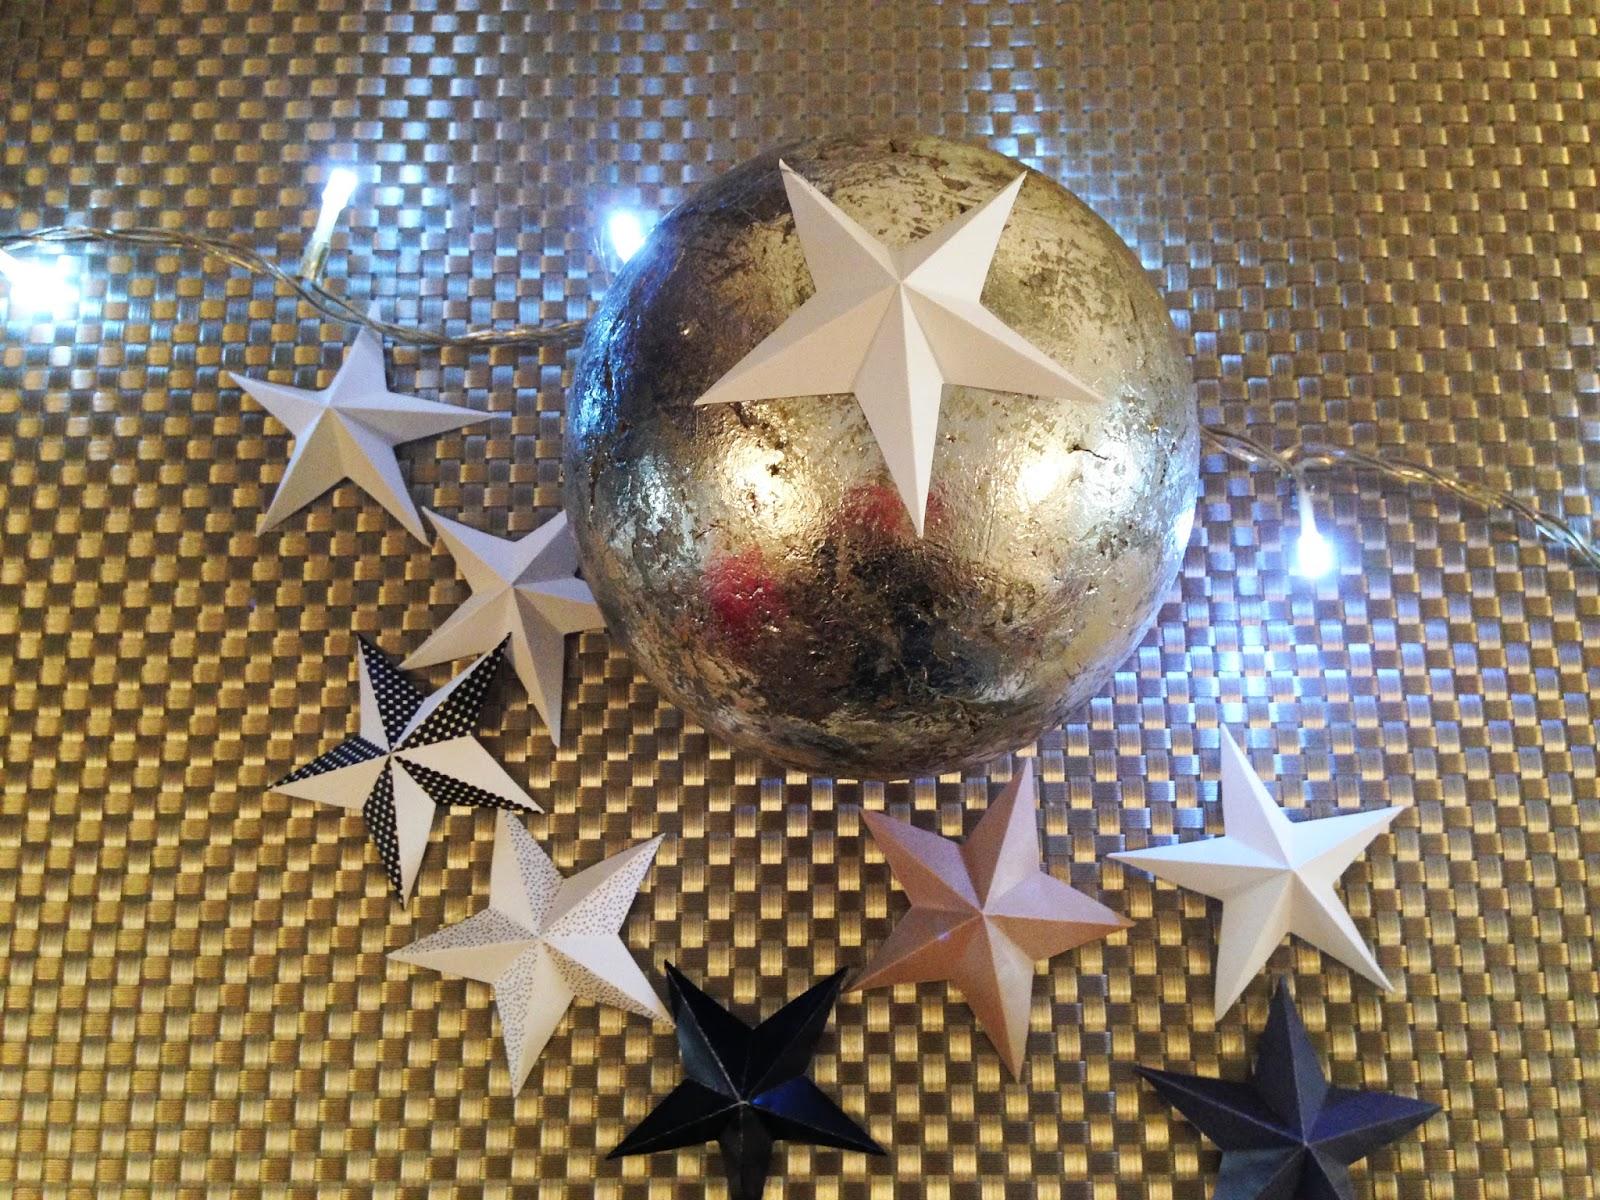 Déco de table de Noel - Printable et DIY. Les étoiles